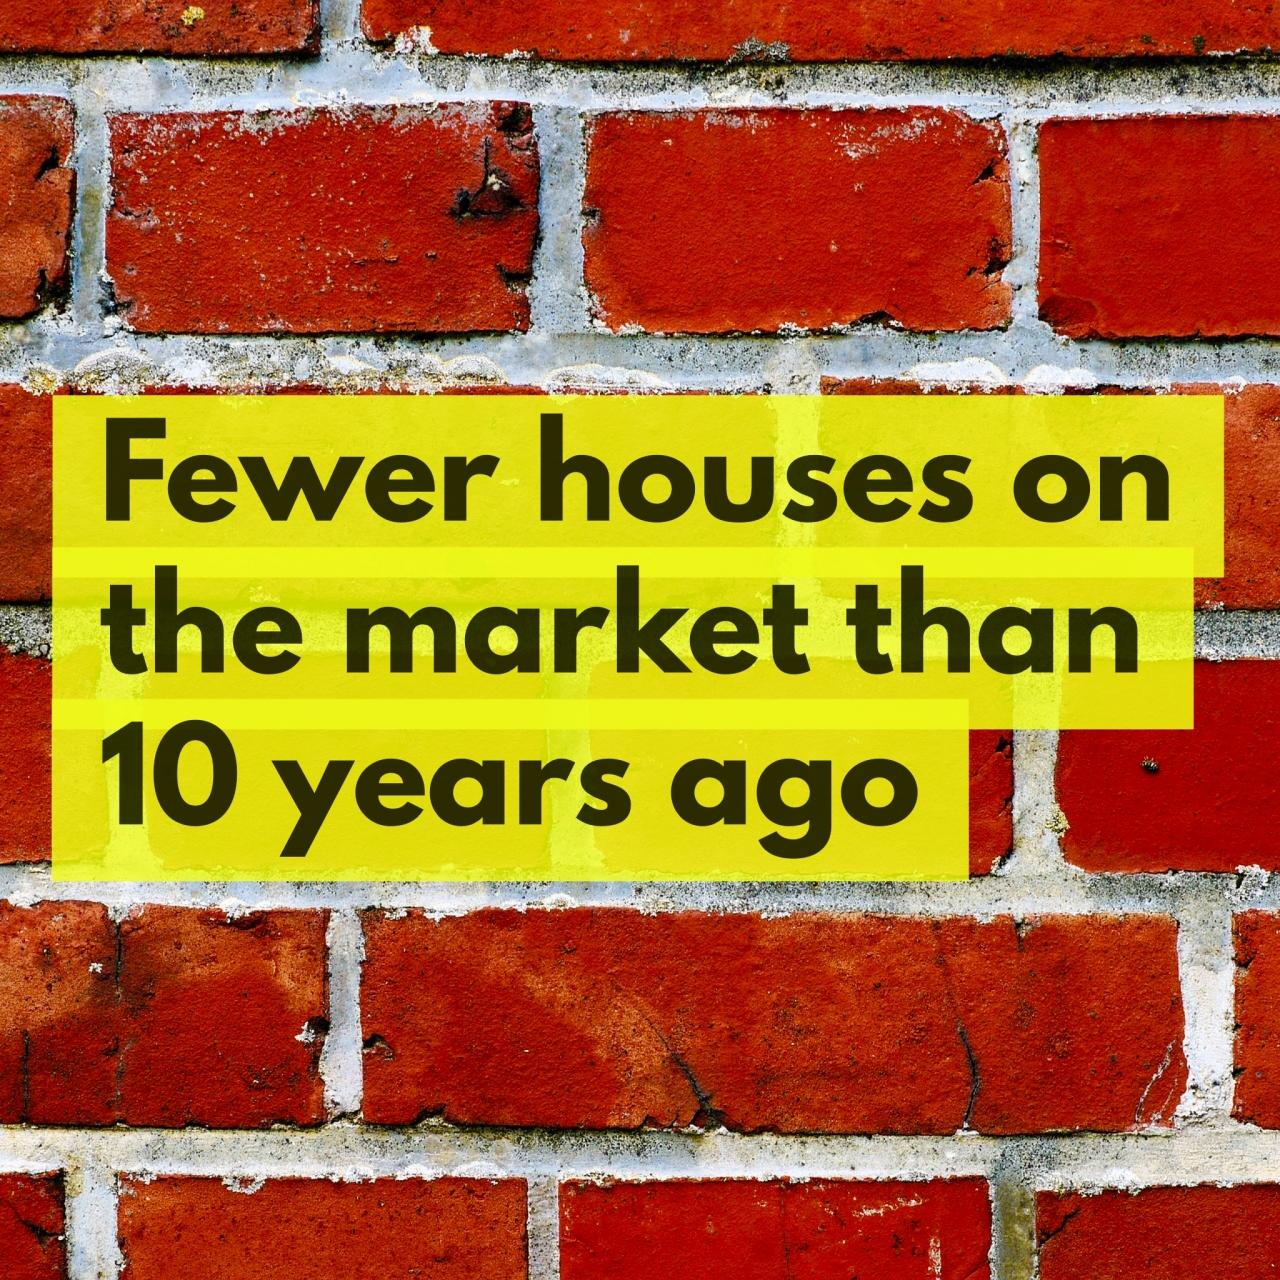 >64% Drop in Properties For...